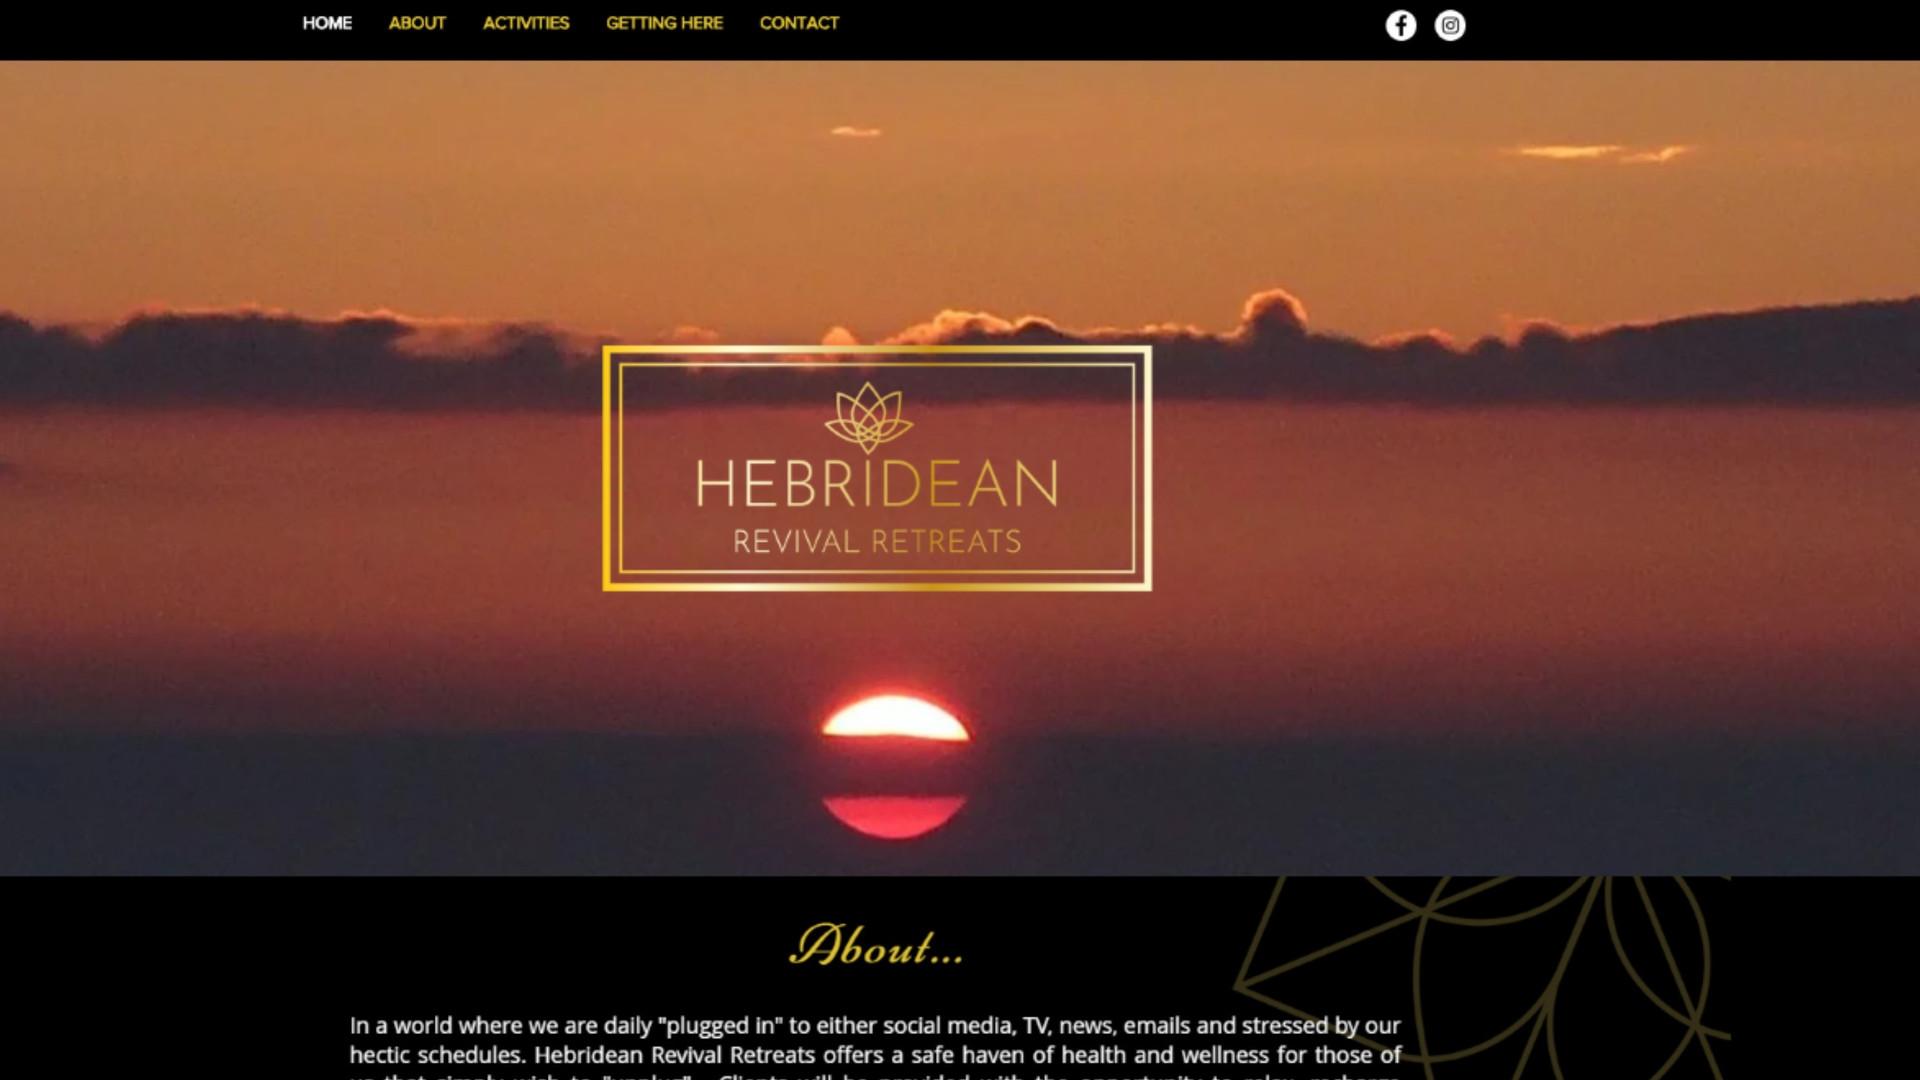 Hebridean Revival Retreats - Website